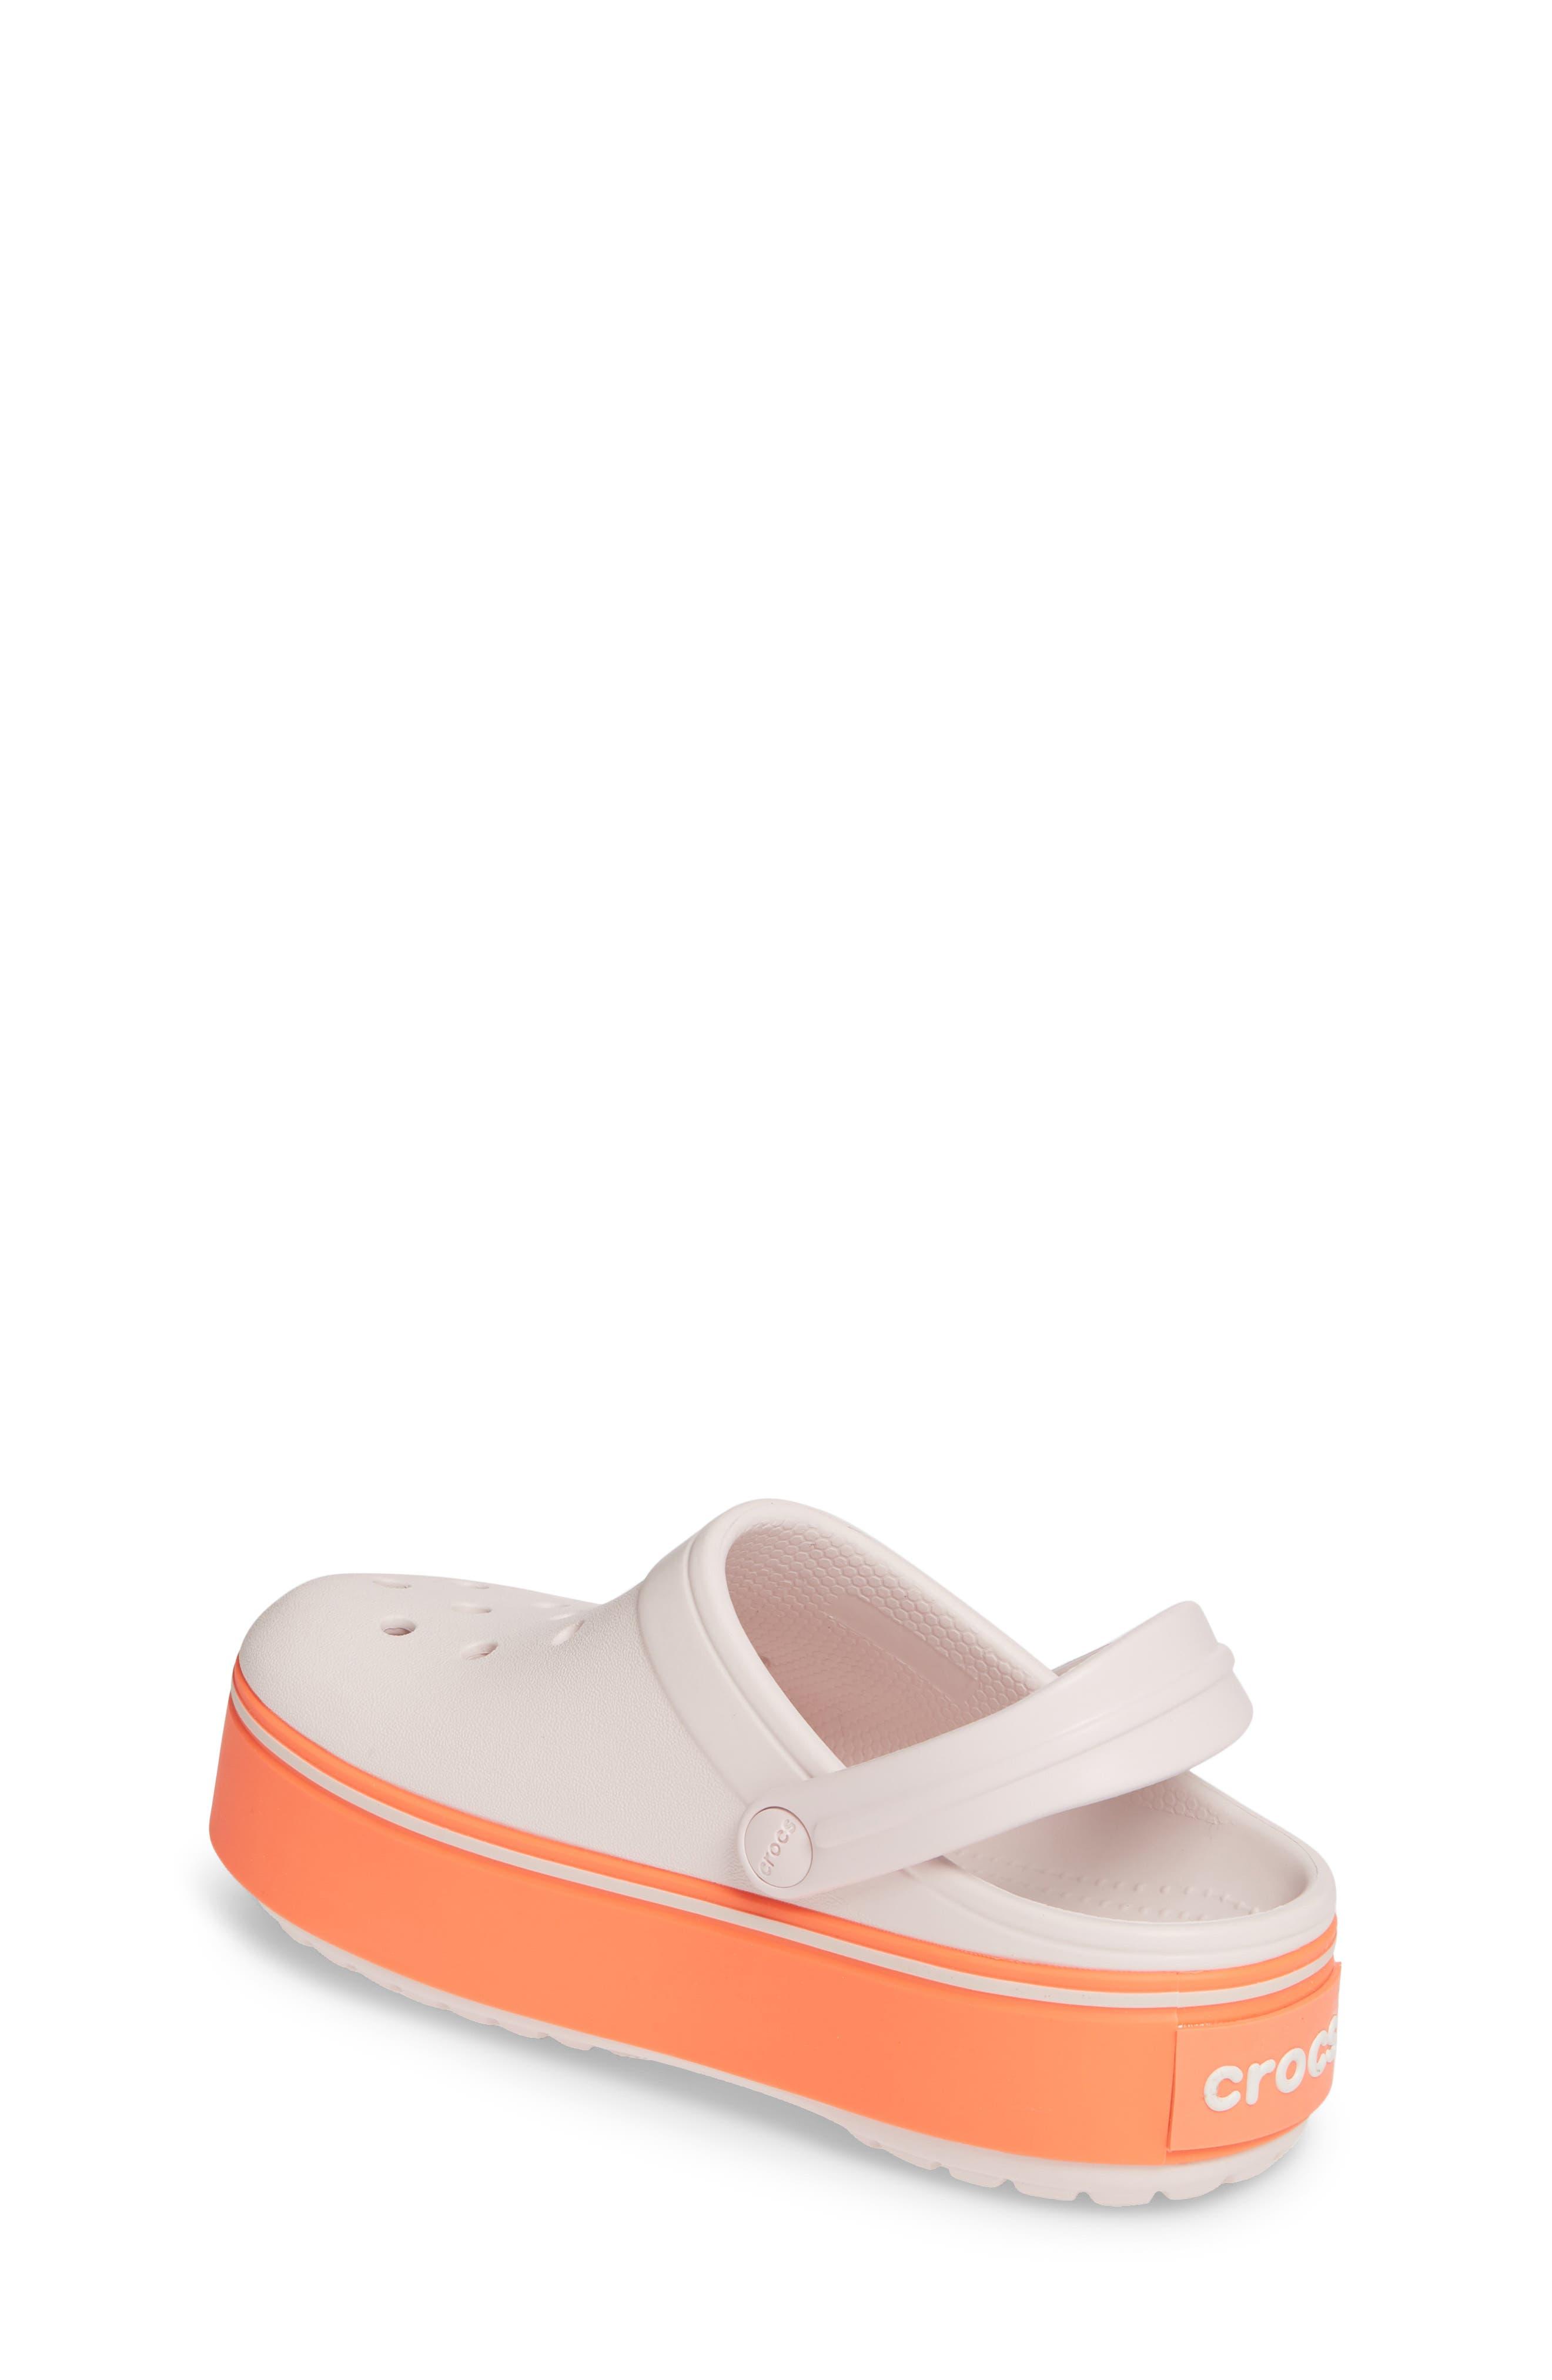 d77d26c2793 CROCS Shoes